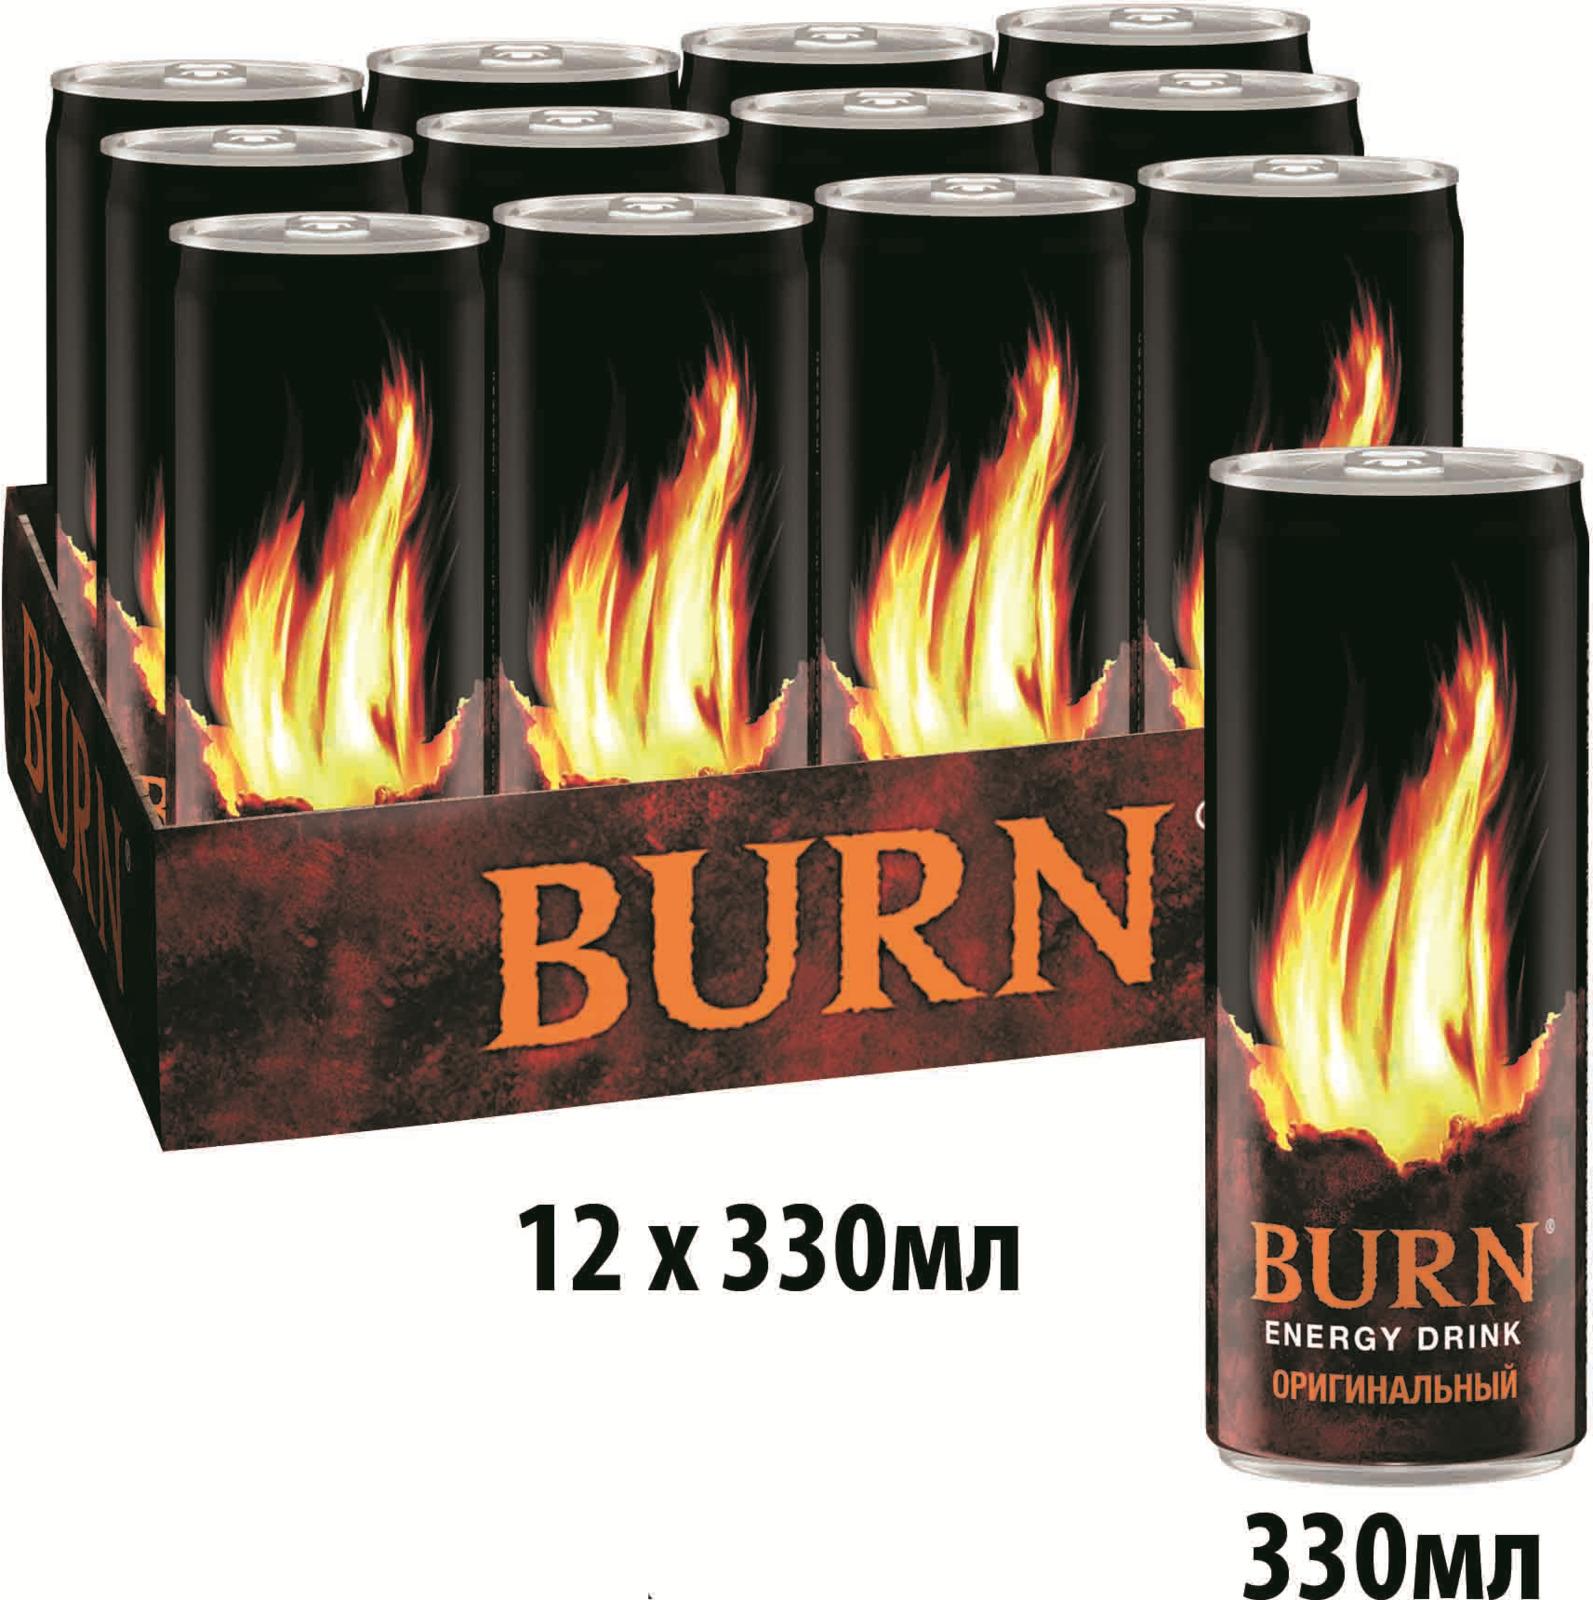 Burn Original энергетический напиток, 12 штук по 0.33 л